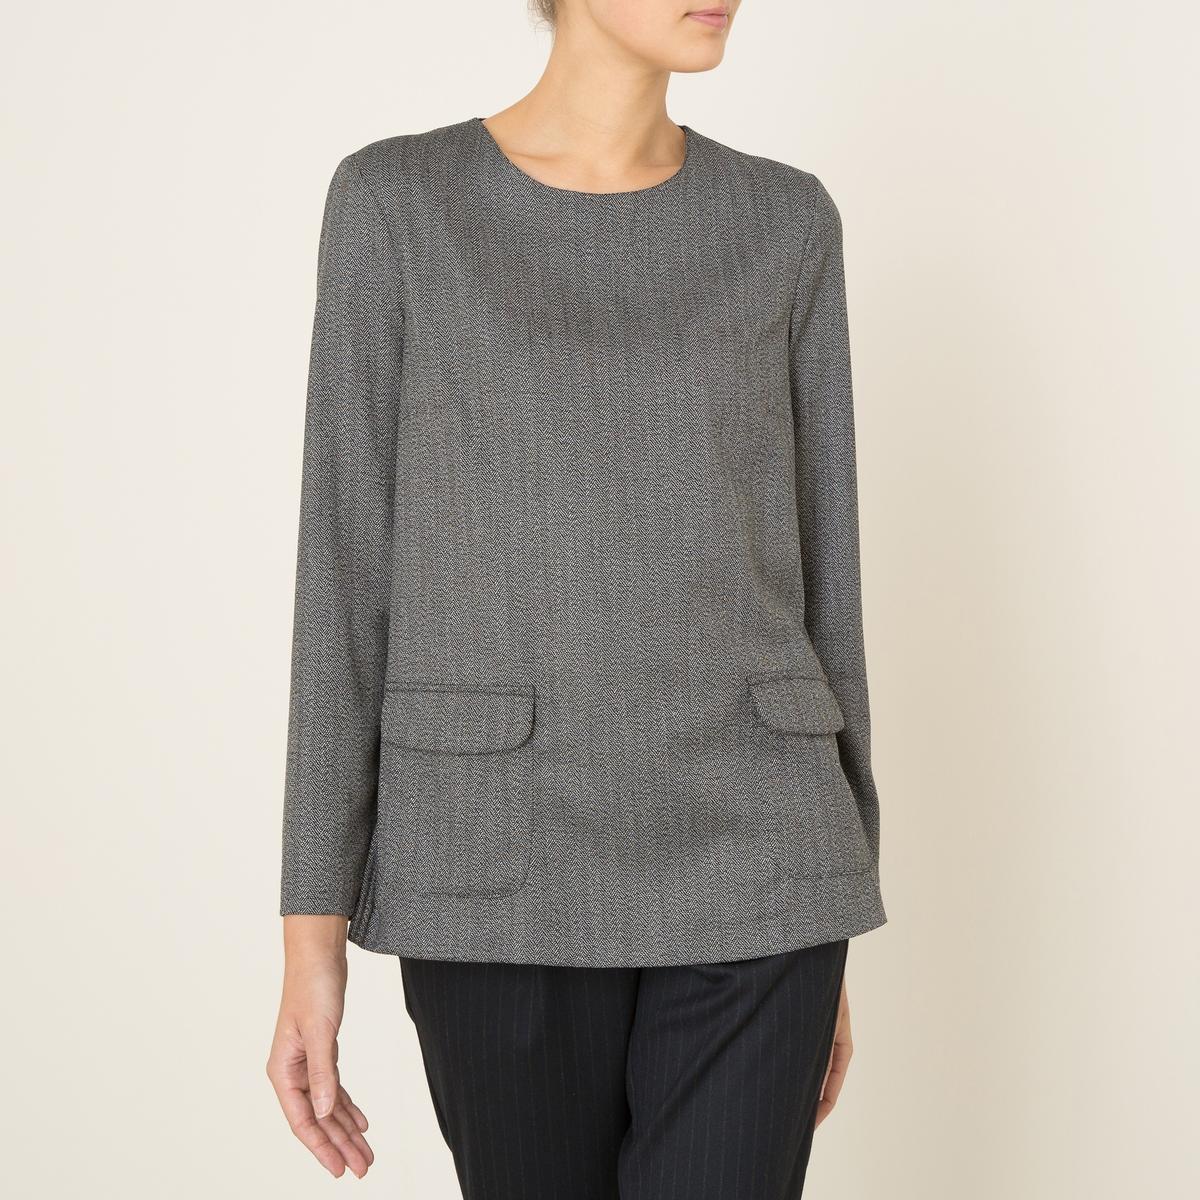 Блузка PASTAБлузка объемная TOUPY - модель PASTA из ткани с зигзагообразным рисунком. Круглый вырез. Длинные рукава. Карманы с клапаном спереди. Вырез-капля на пуговице сзади . Состав &amp; Детали         Материал : 63 % полиэстер, 32% вискоза, 5% эластанМарка : TOUPY<br><br>Цвет: серый